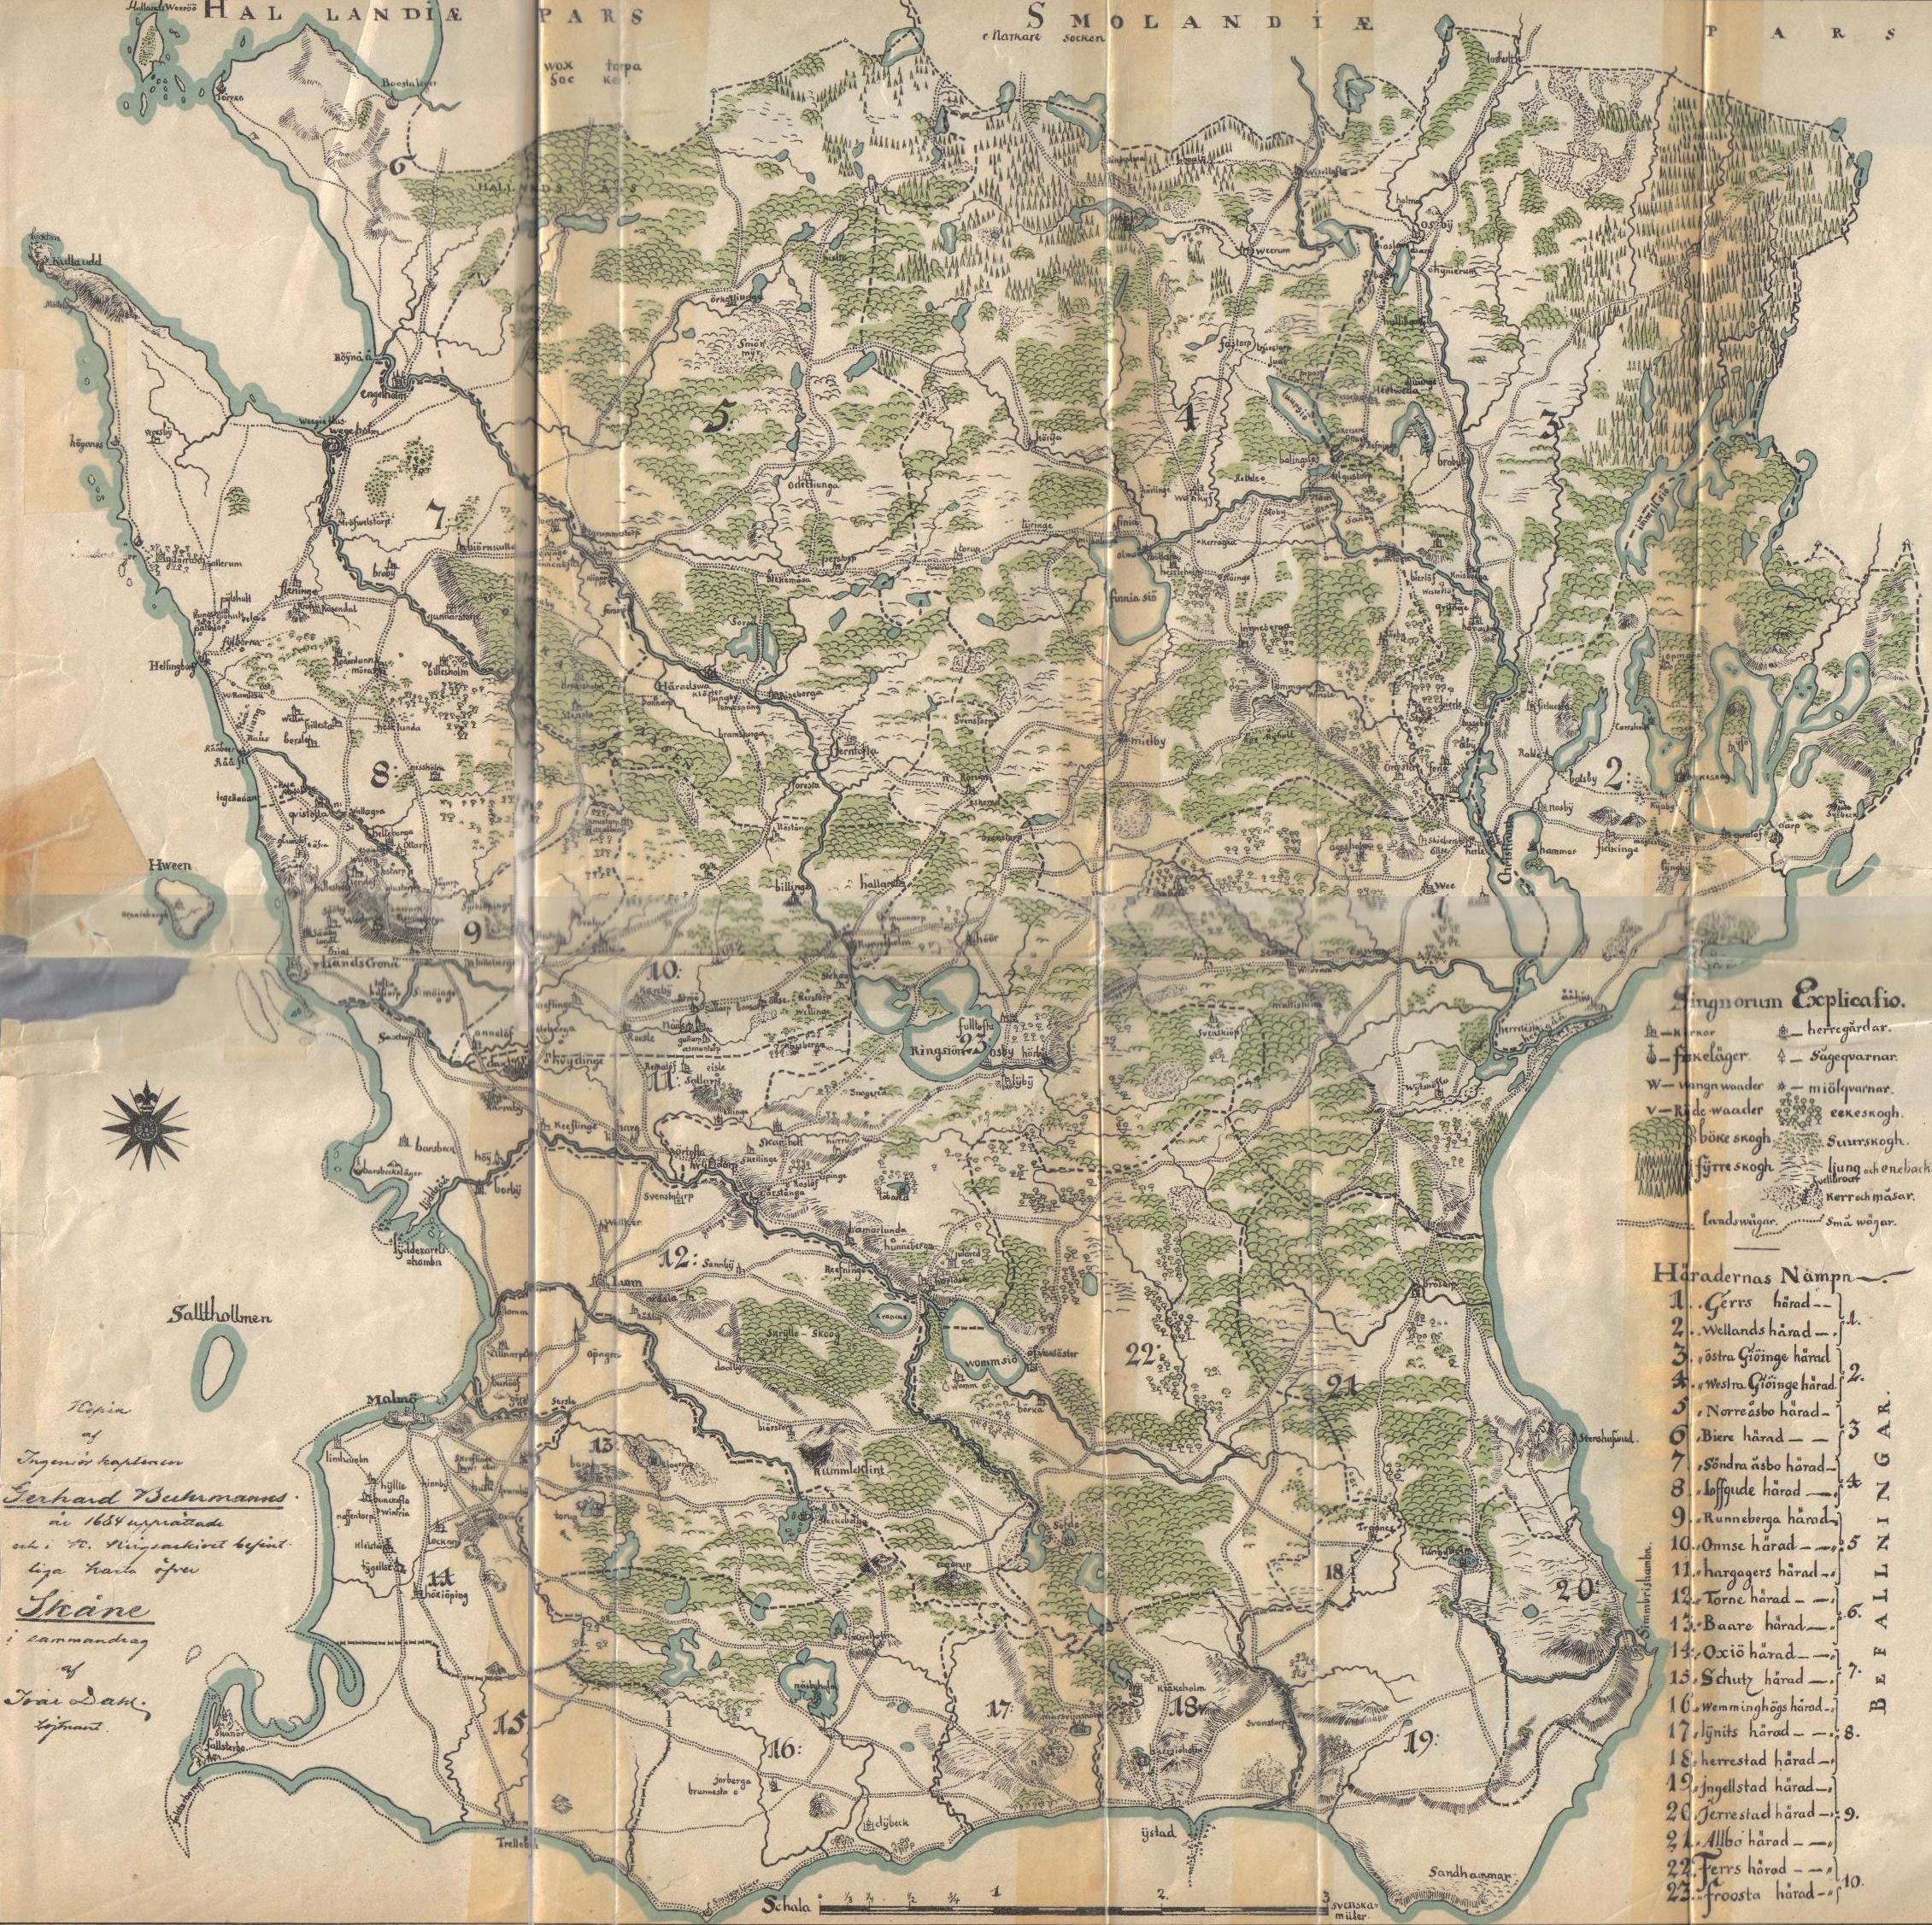 Karta Skane Och Danmark.Kriget I Skane 1709 1710 Slaget Vid Helsingborg